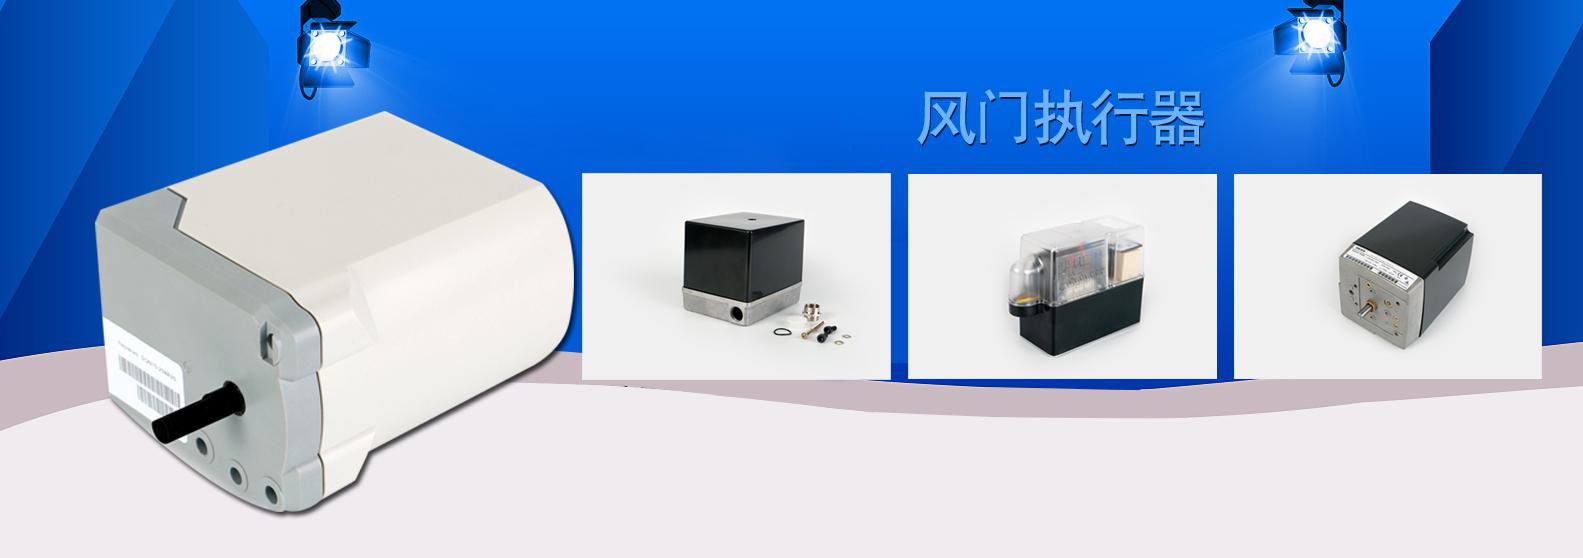 亚游积分王(福建)燃烧设备有限公司